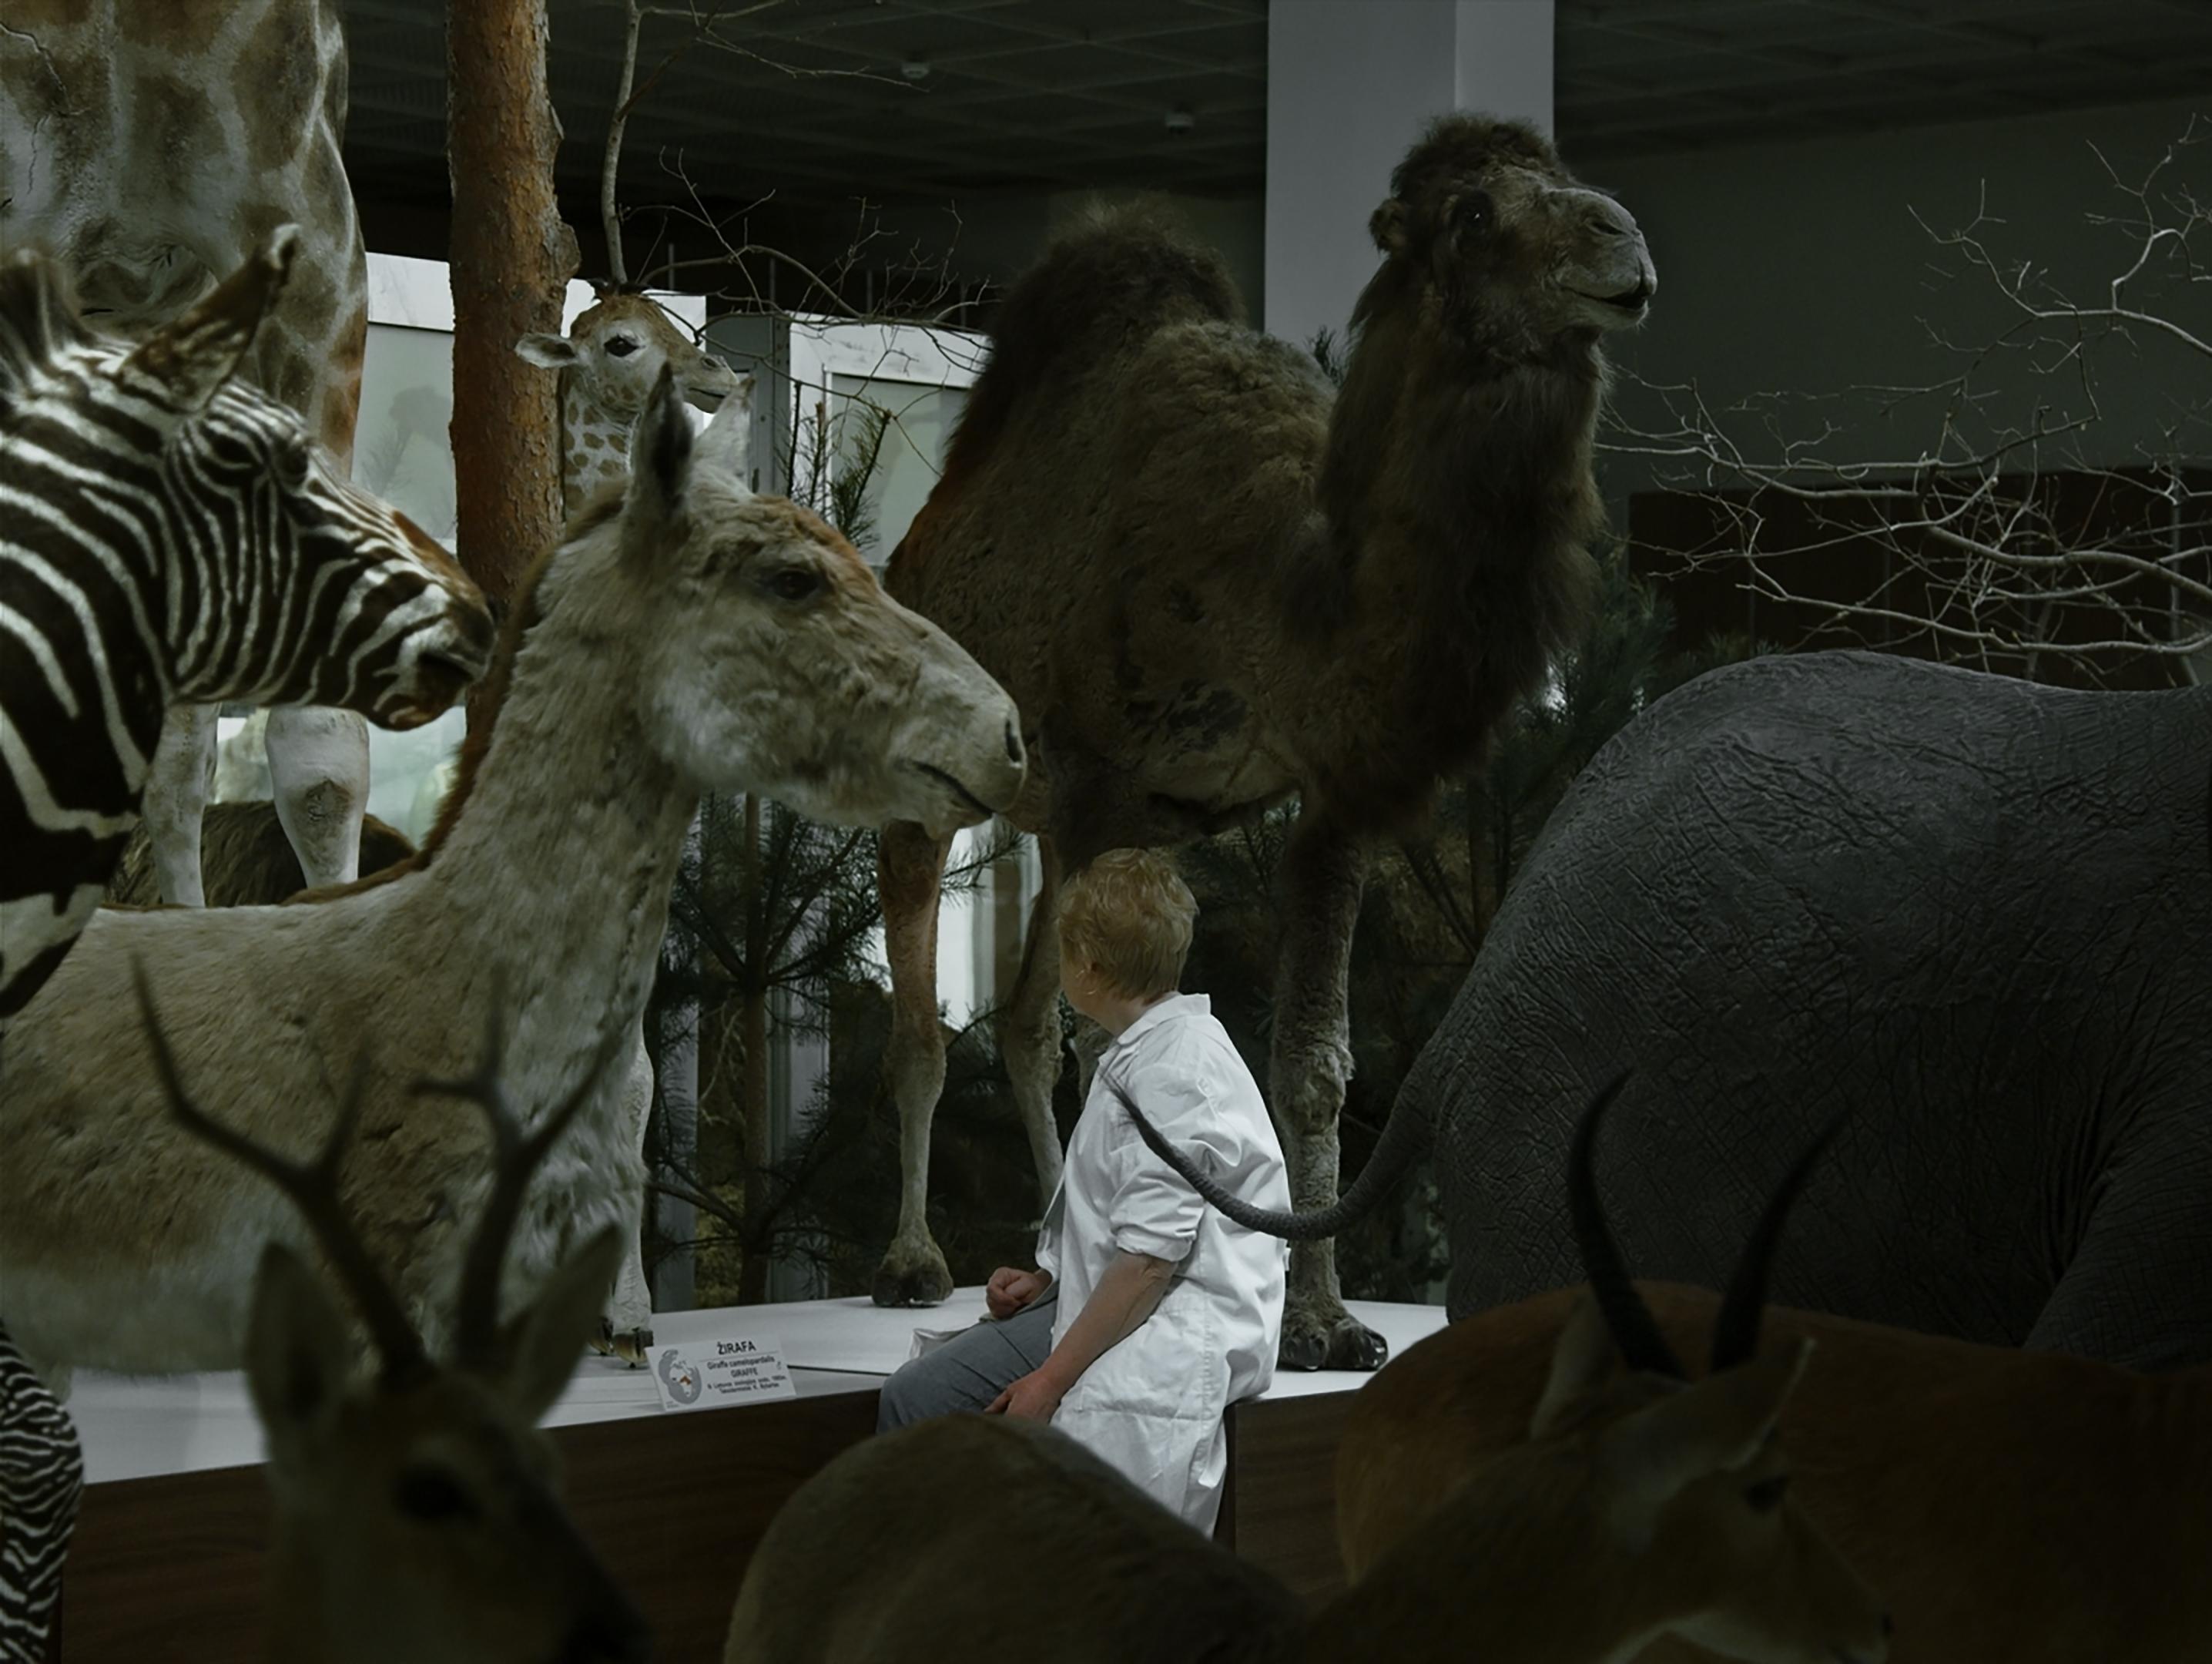 Animus Animalis. Lugu inimestest, loomadest ja asjadest / Animus Animalis. A Story about People